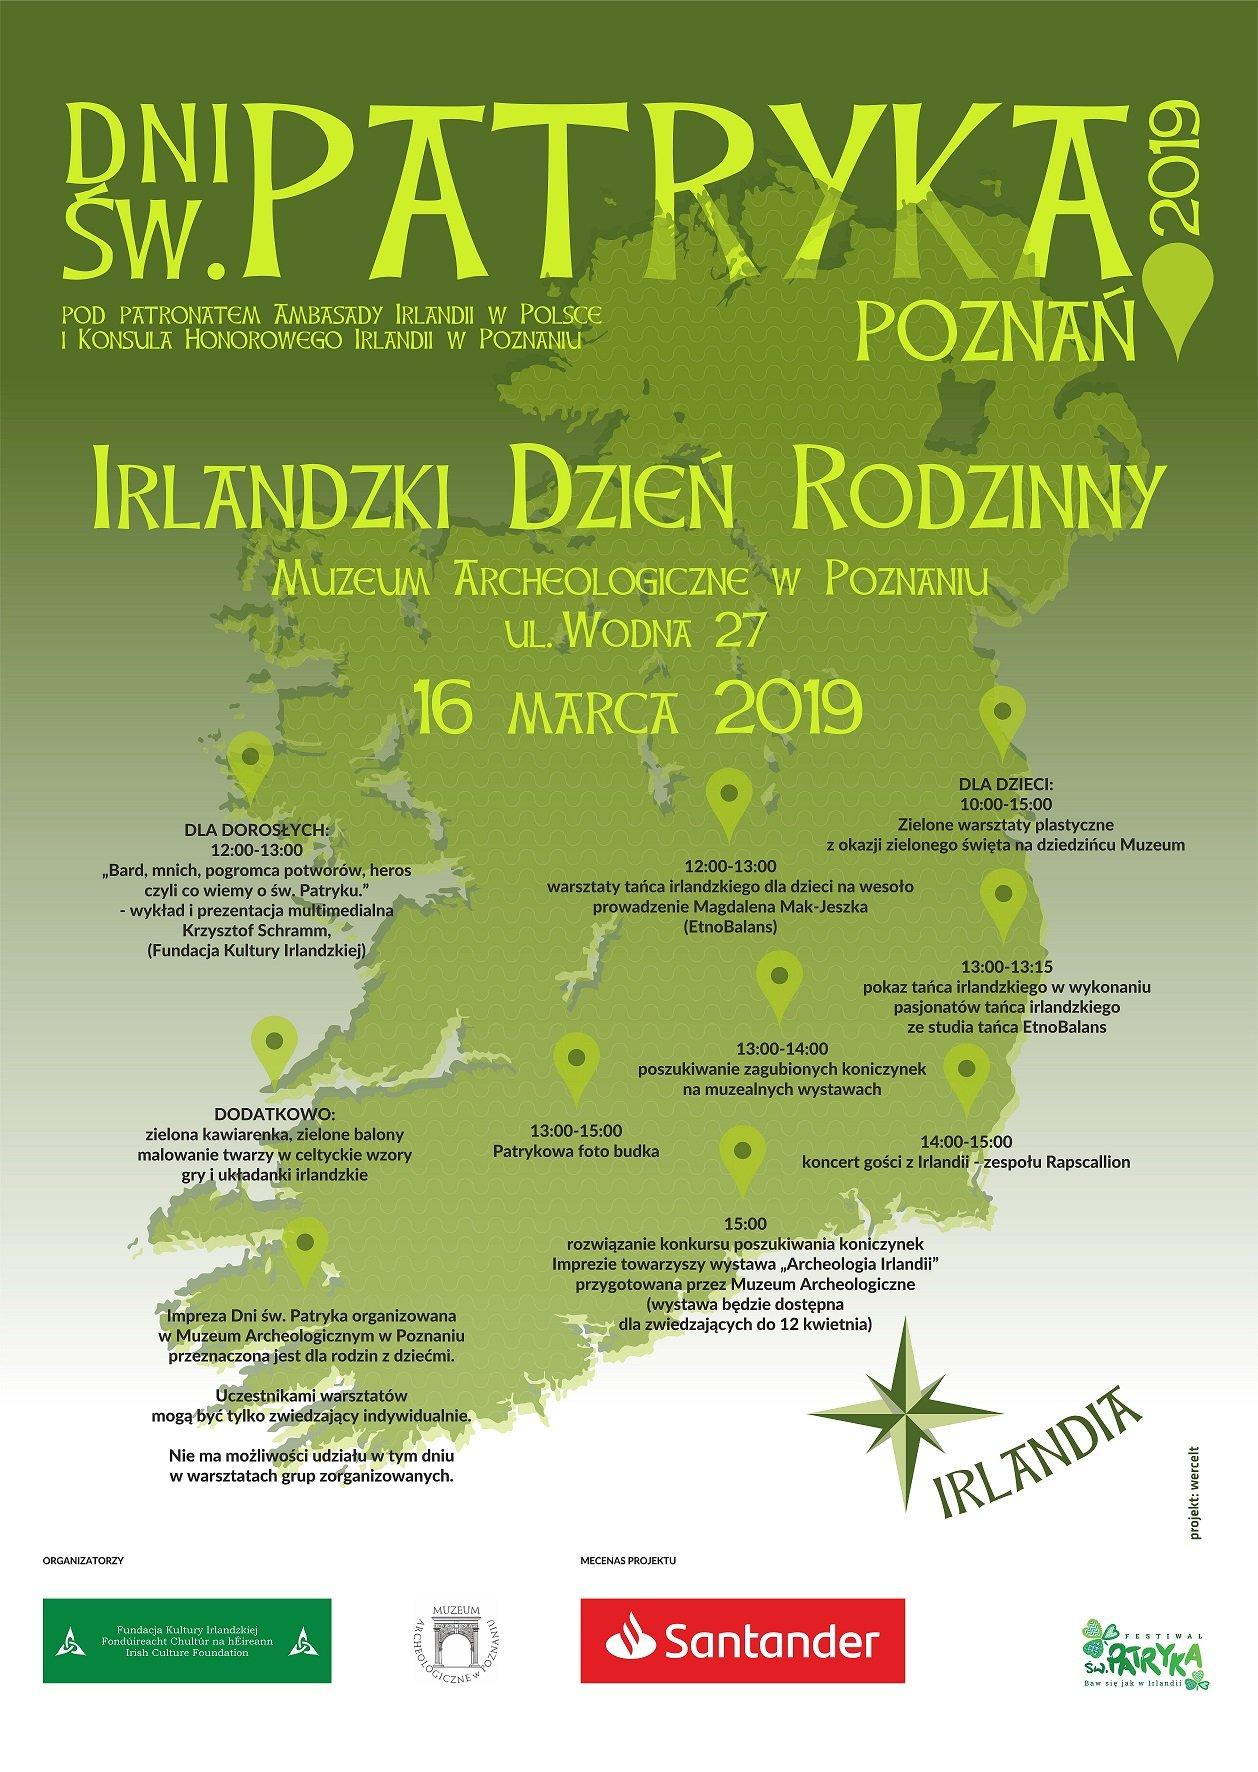 Irlandzki Dzień Rodzinny